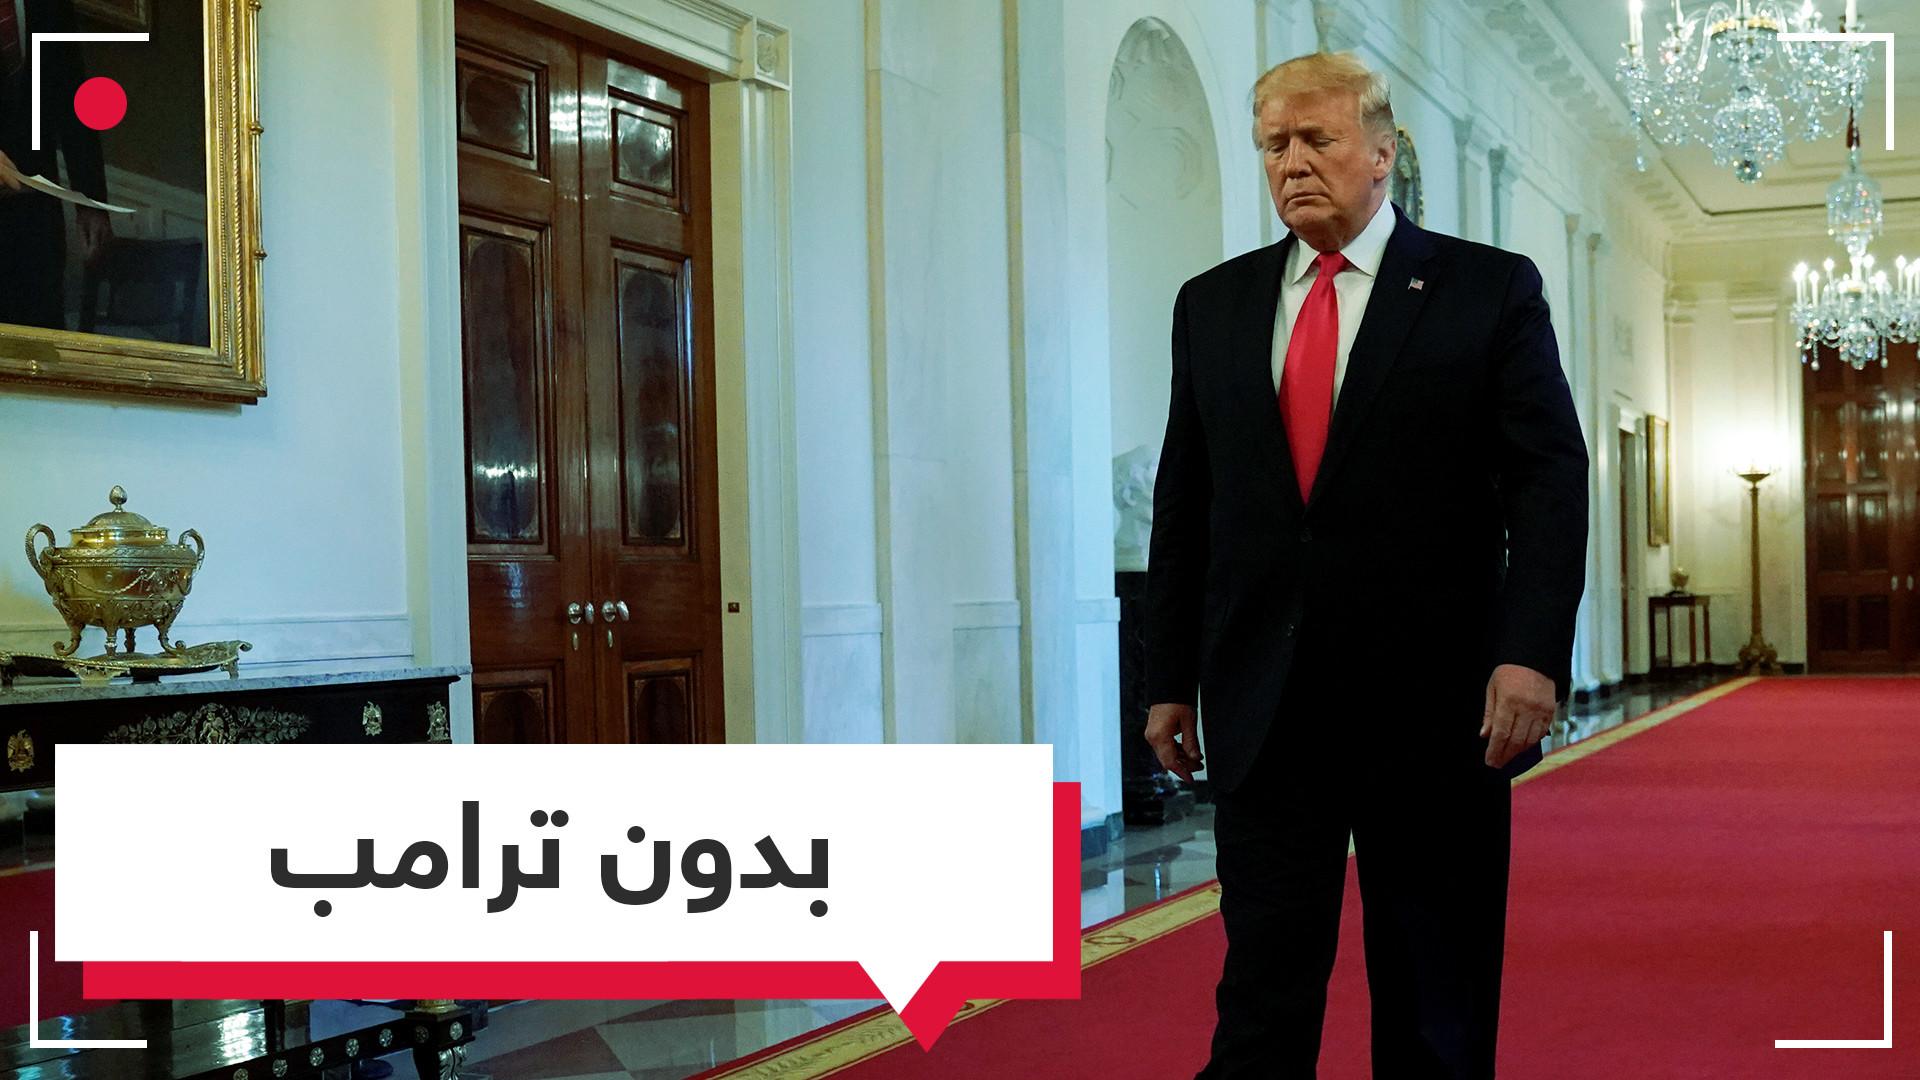 تغريدة مثيرة.. ما مصير أمريكا بدون ترامب؟!